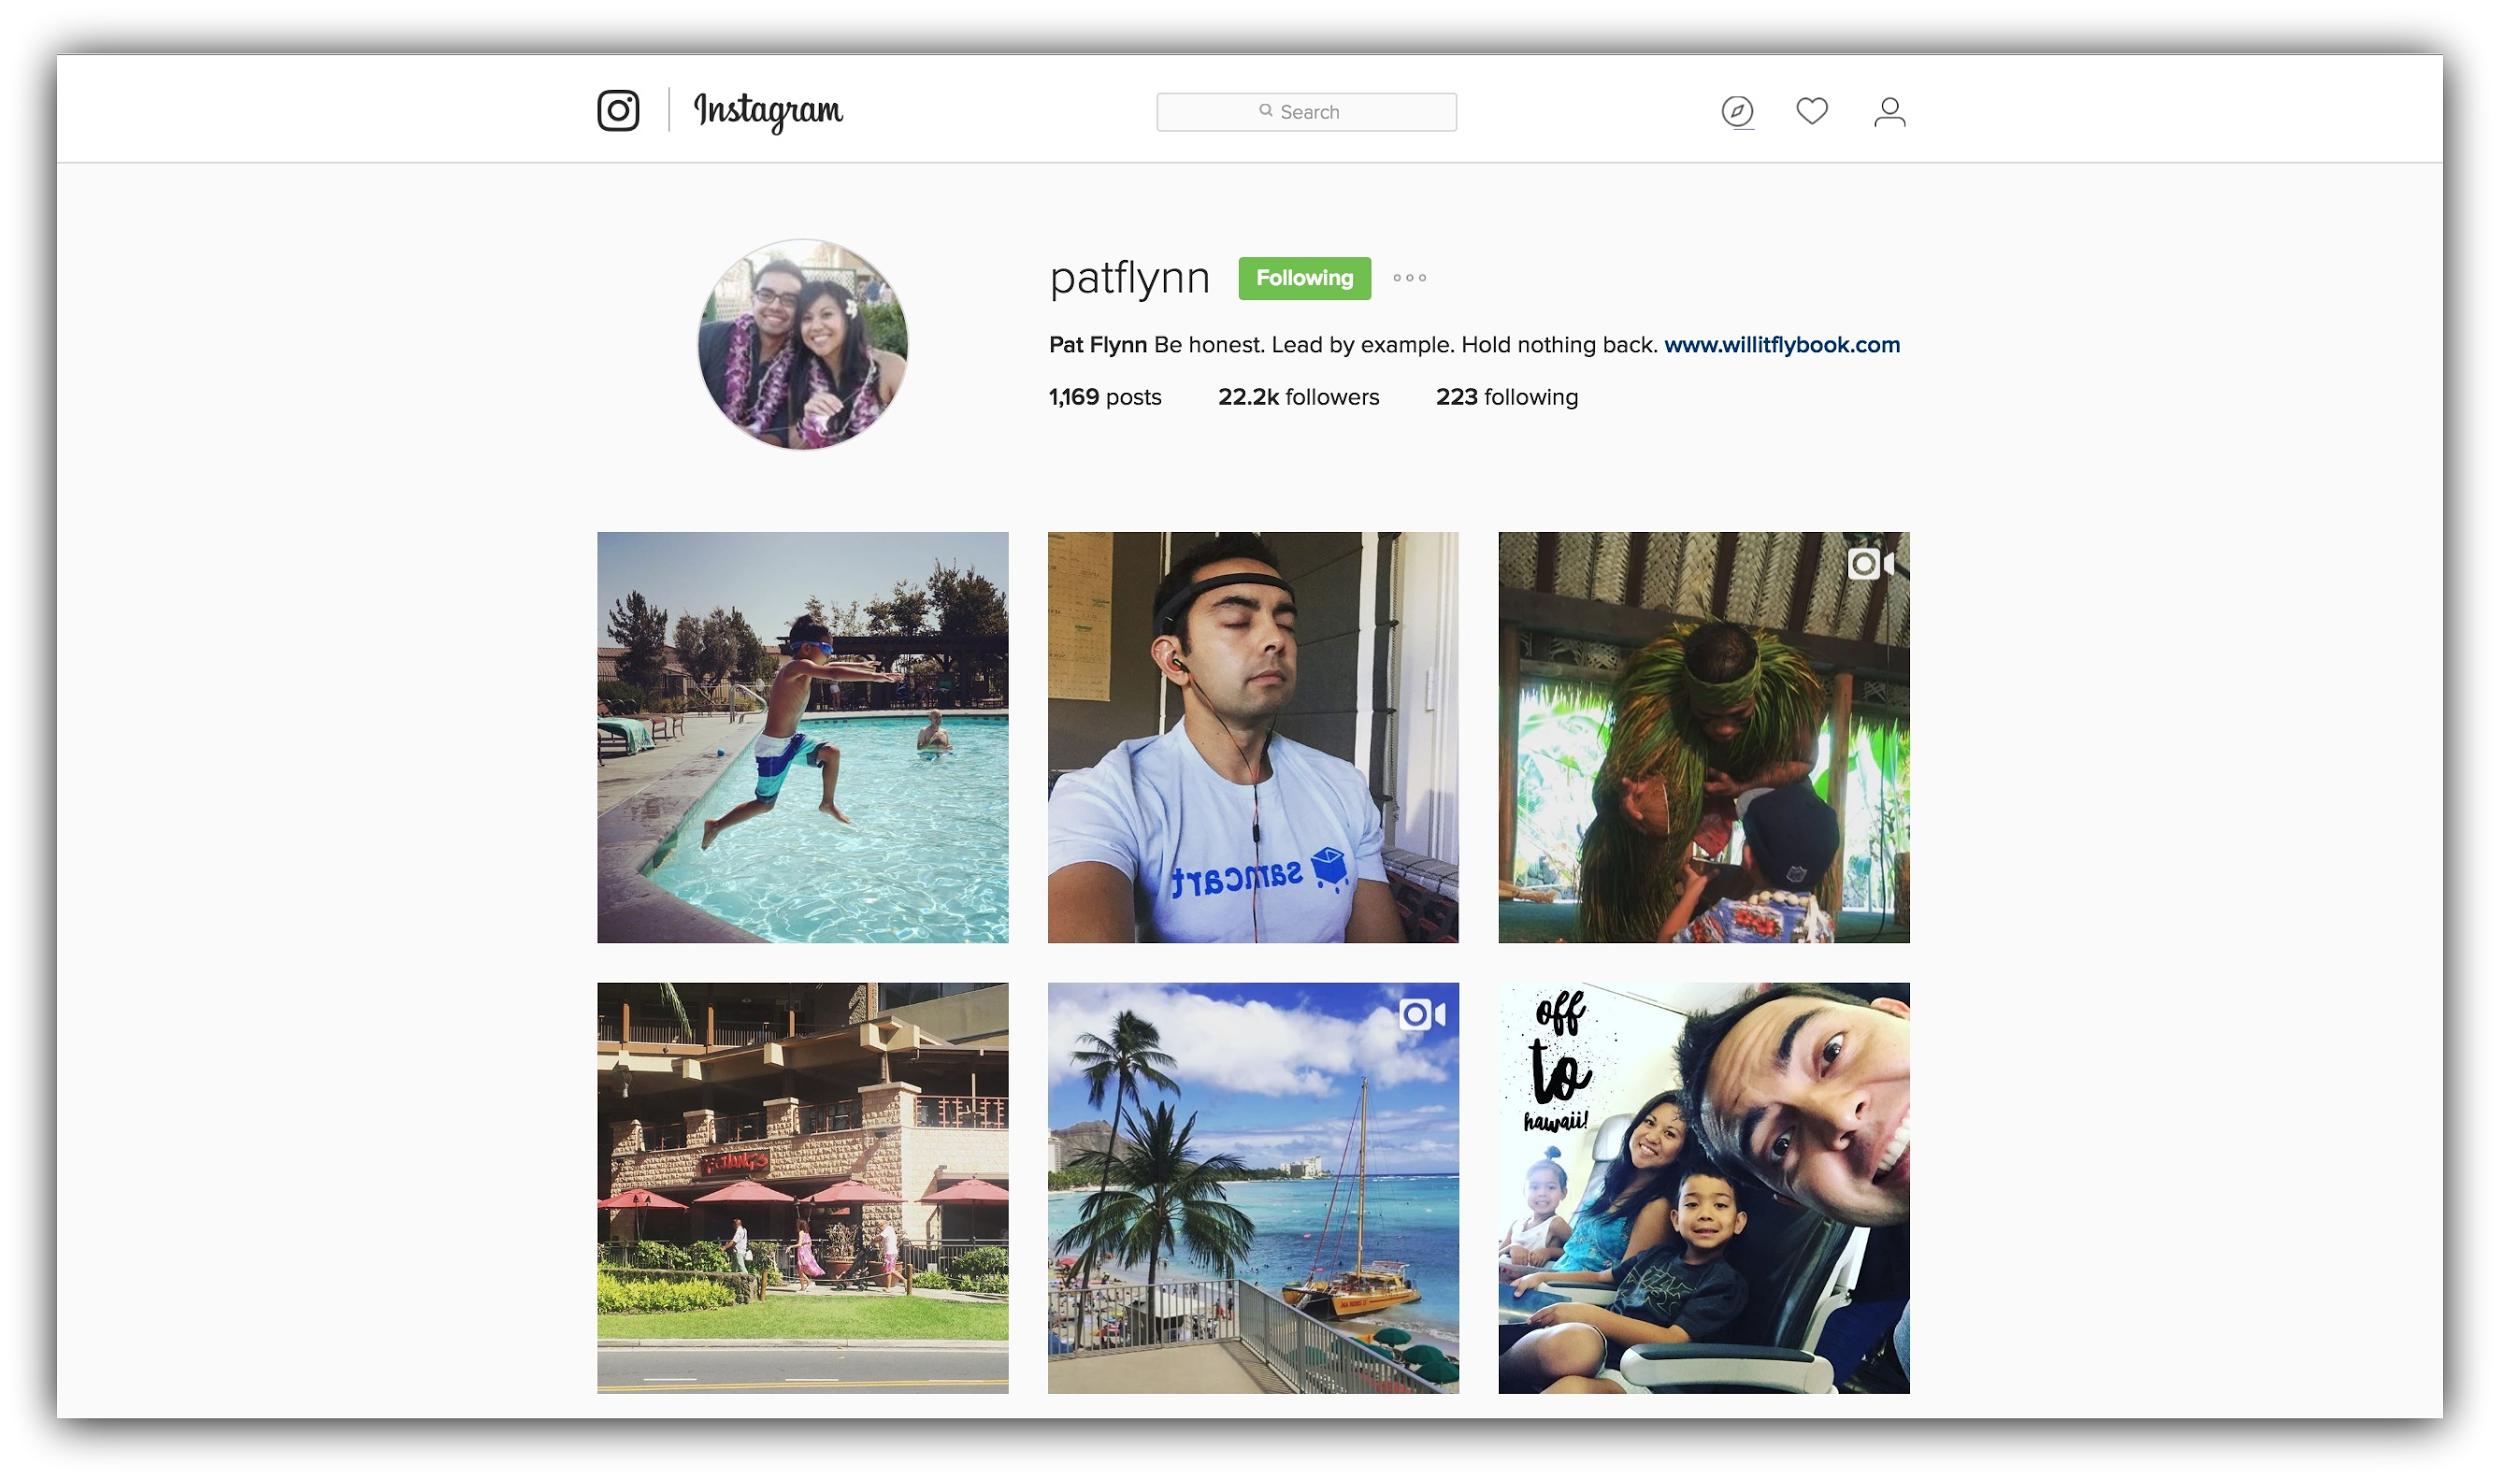 Captura de pantalla que muestra un perfil de instagram.